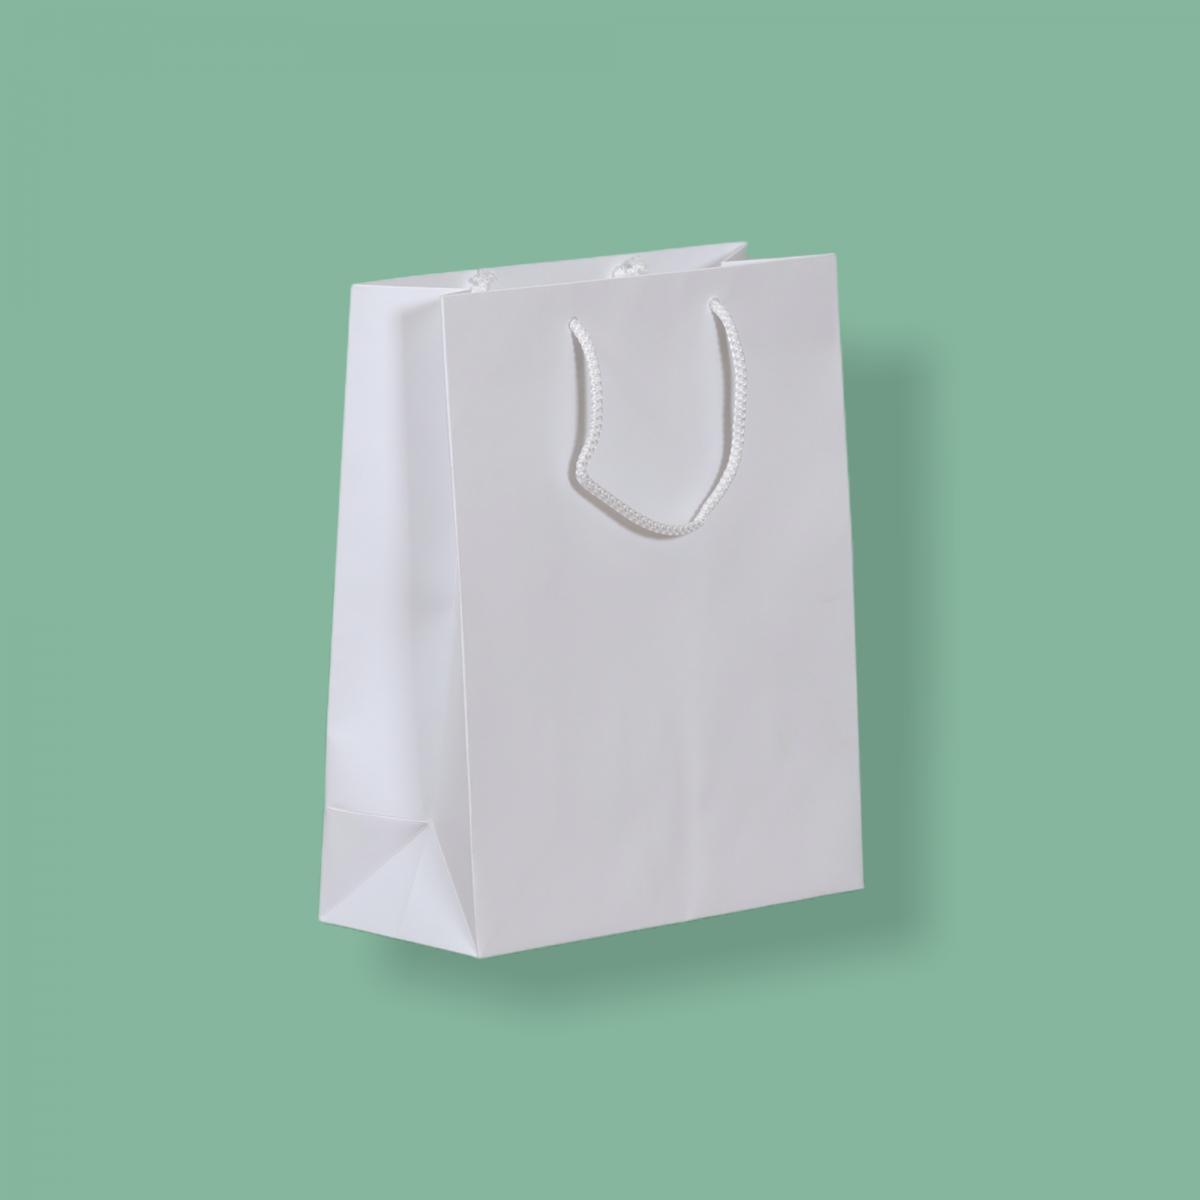 Zsinórfüles papírtáska 22 x 27 + 10 cm